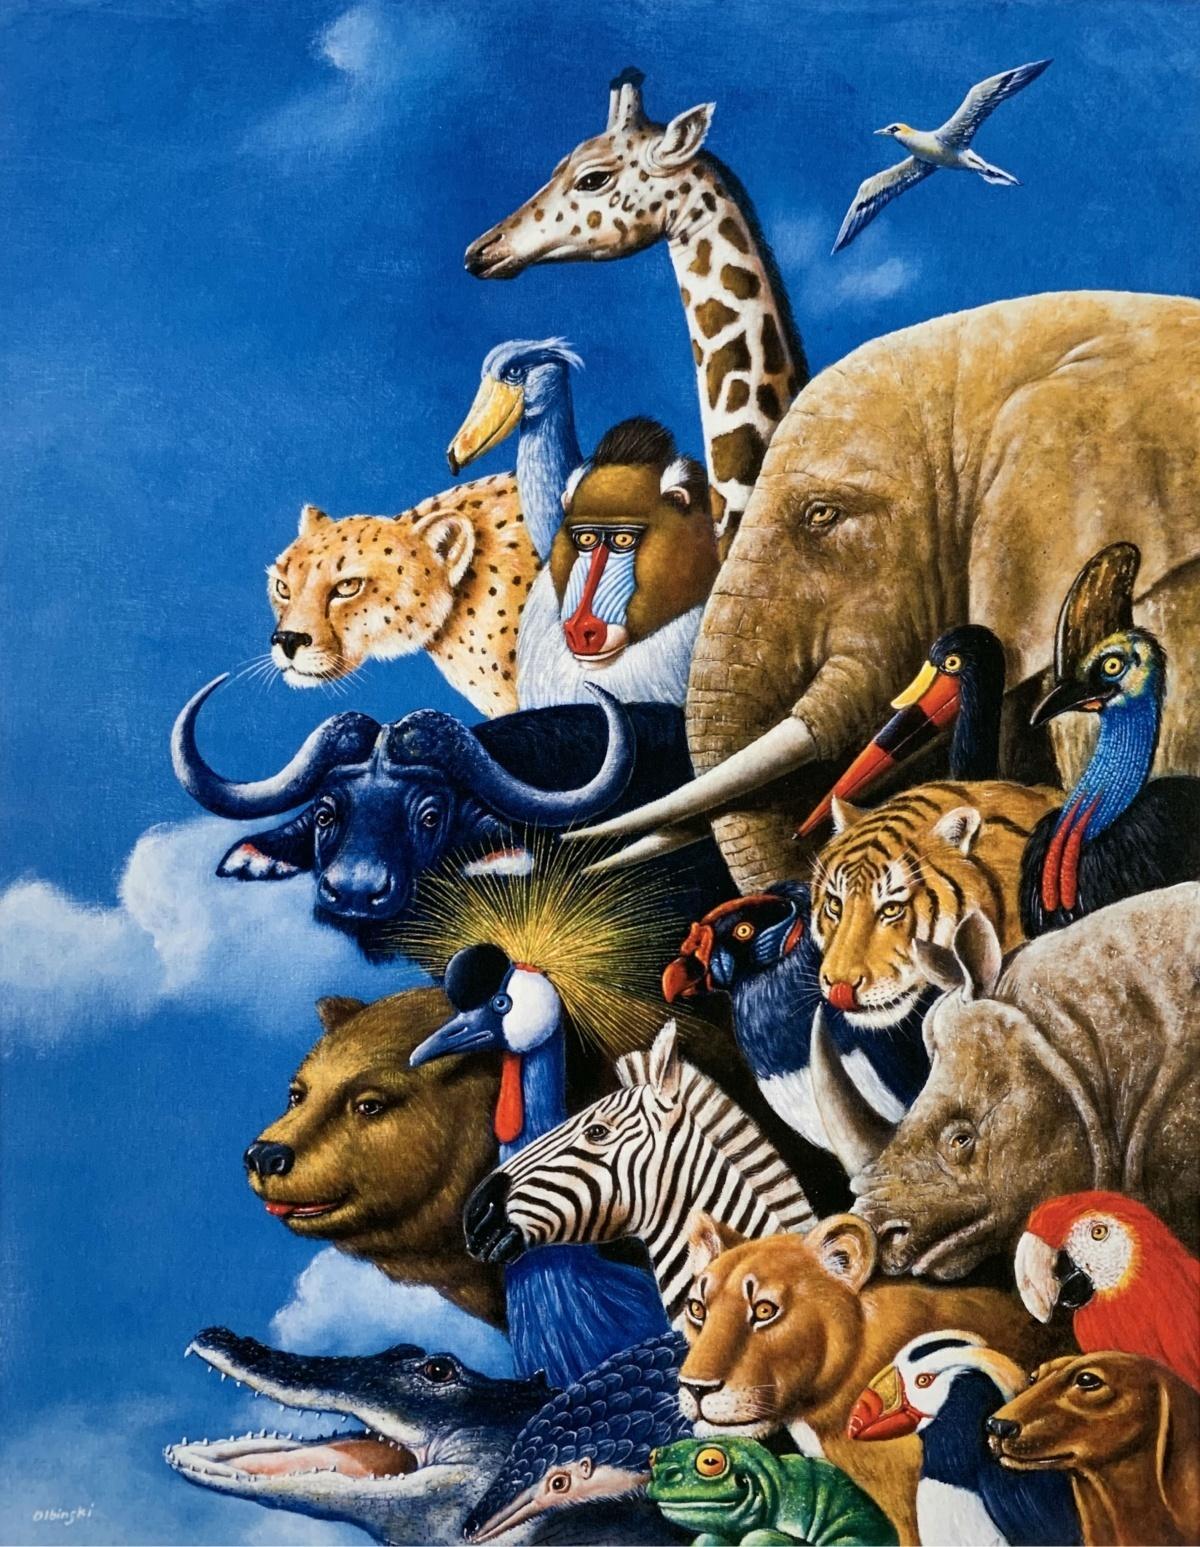 Zootopia - Figurative Surrealist print, Colofrul, Animals, Vibrant